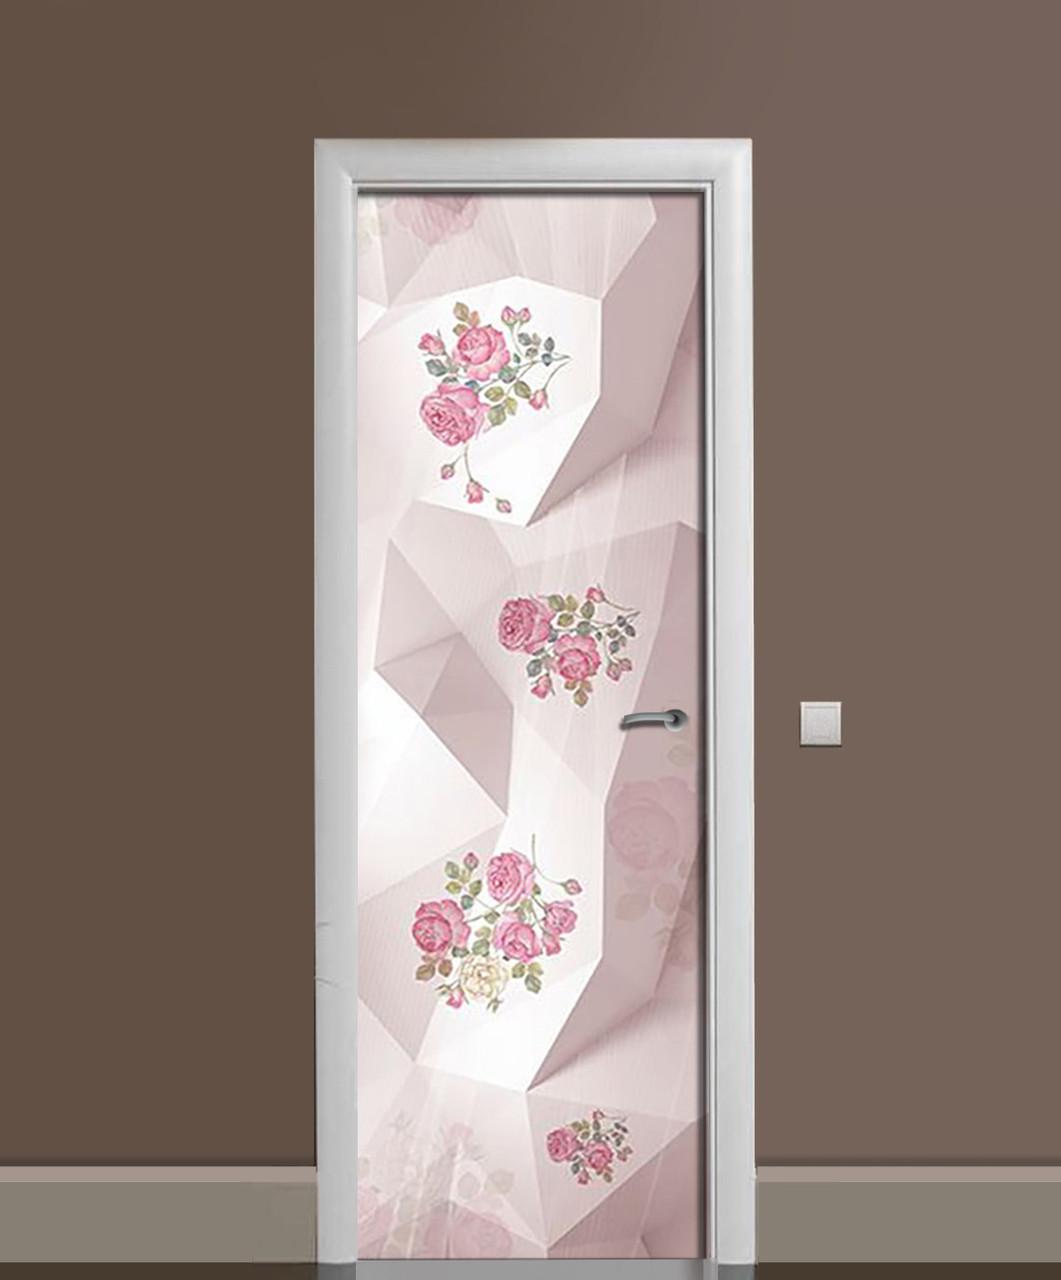 Вінілова наклейка на двері Троянди Преломление ПВХ плівка з ламінуванням 65*200см Абстракція Рожевий